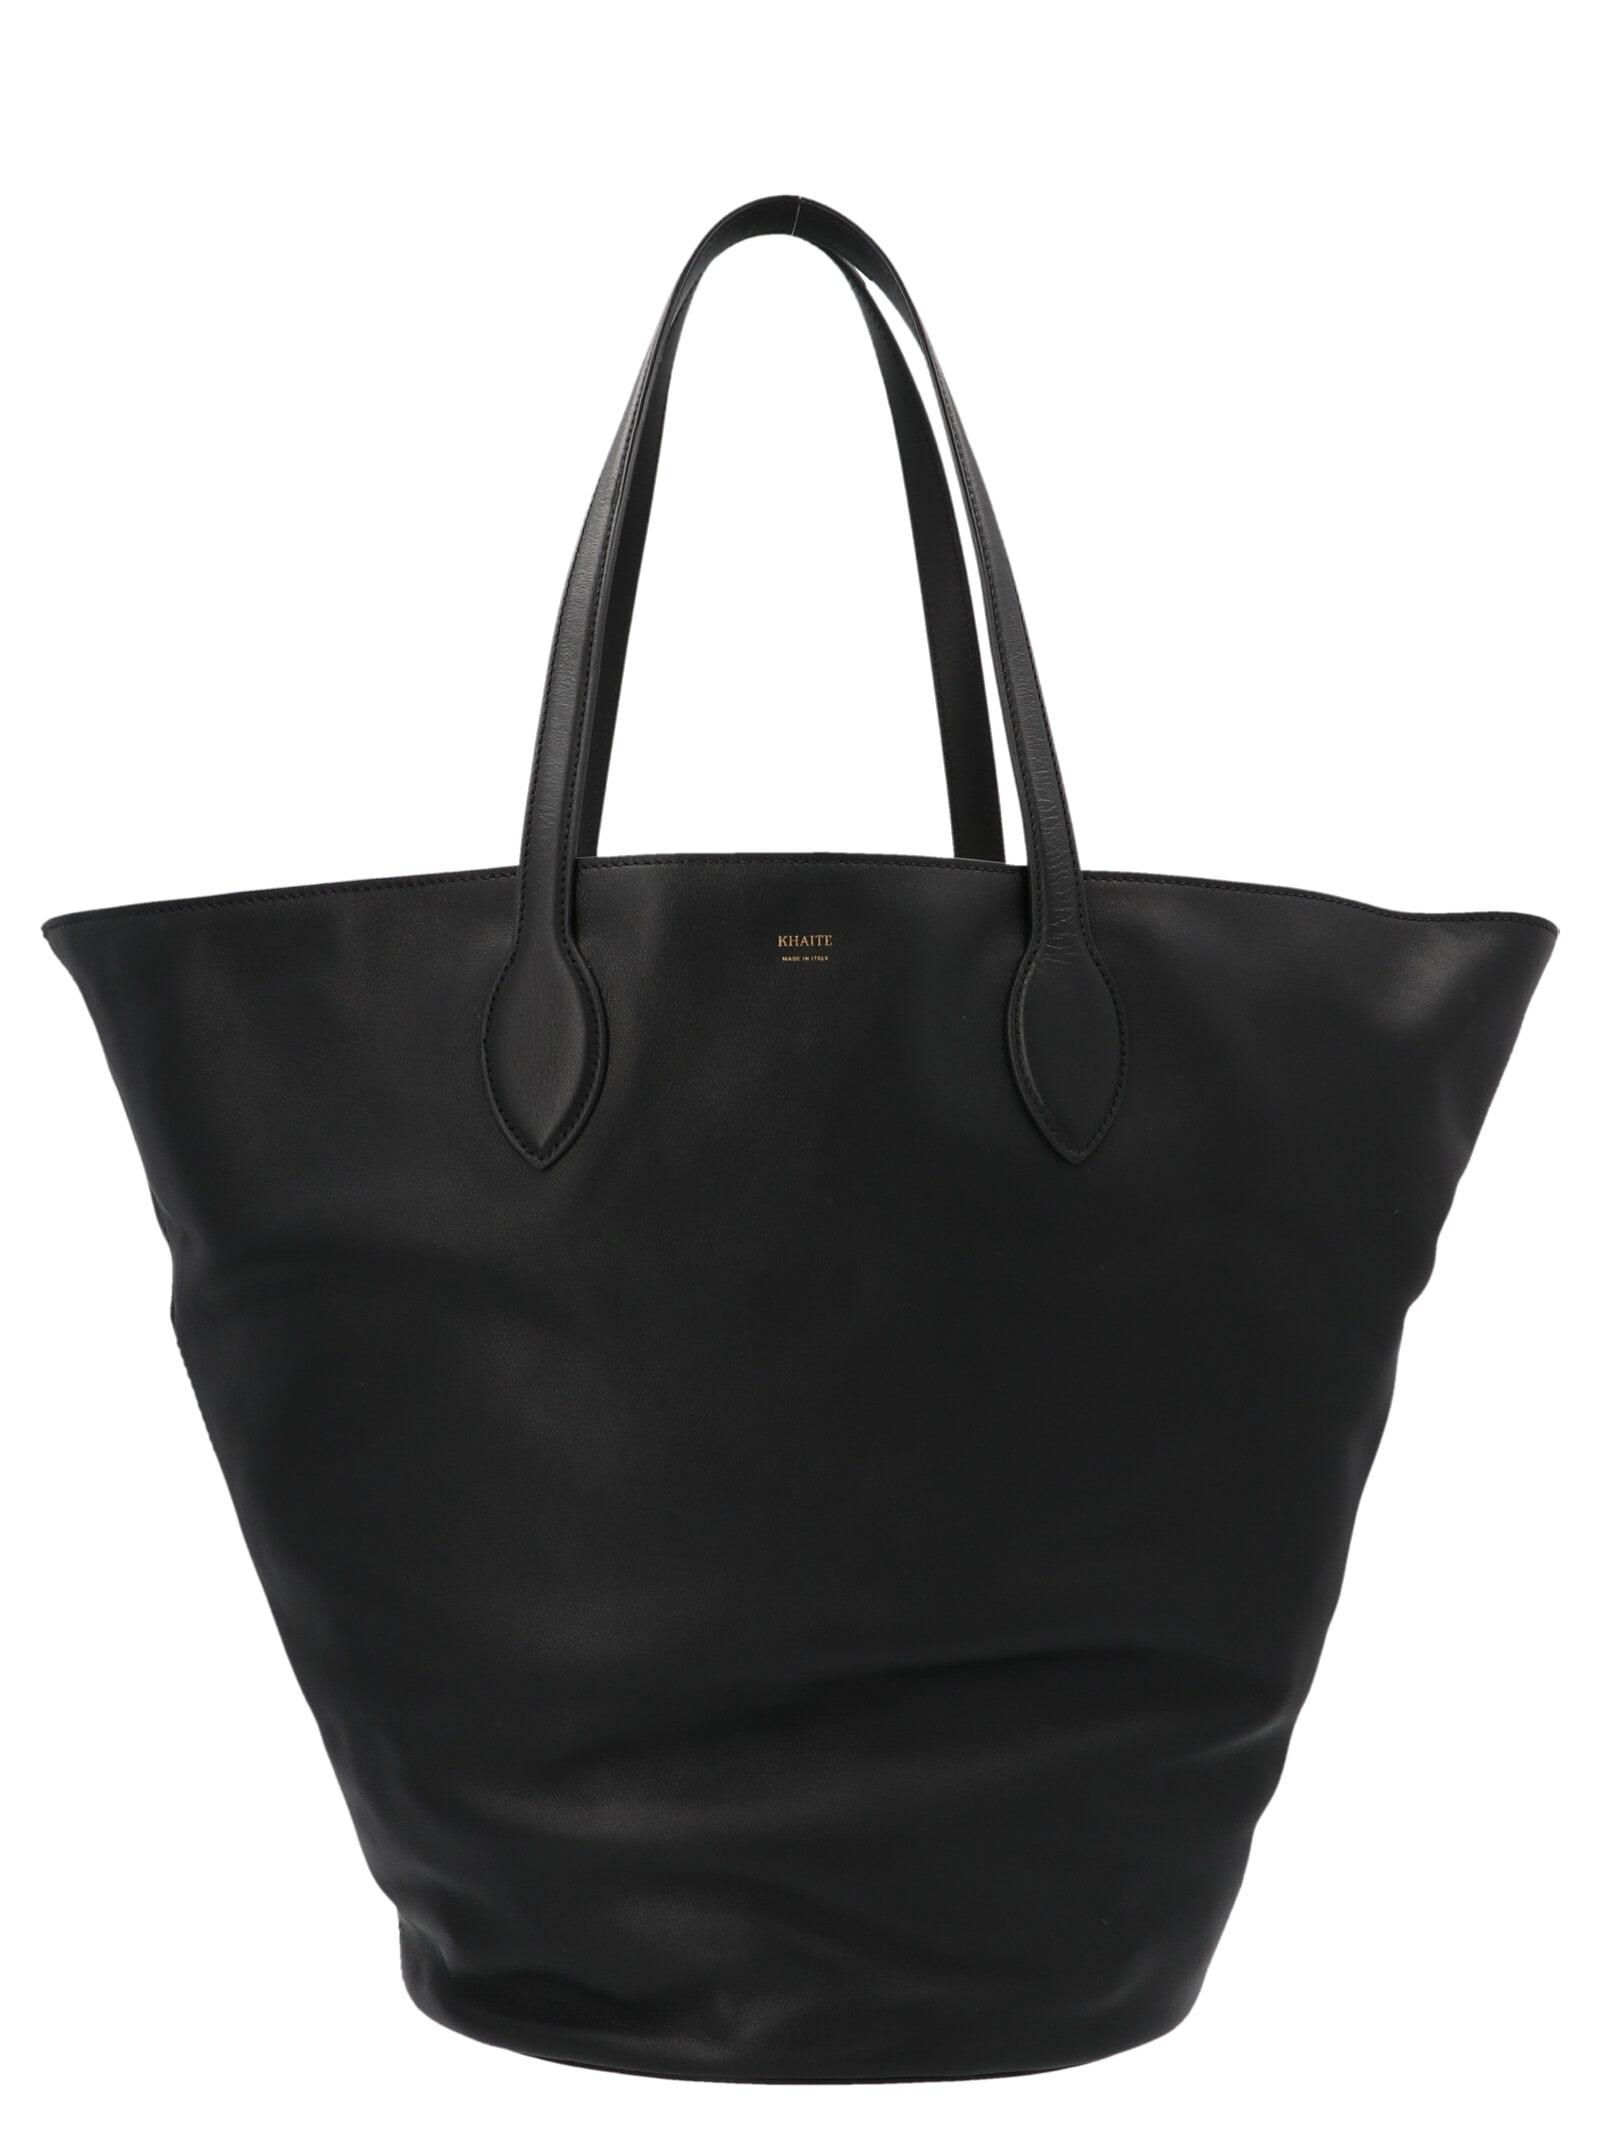 Khaite osa Circle Bag